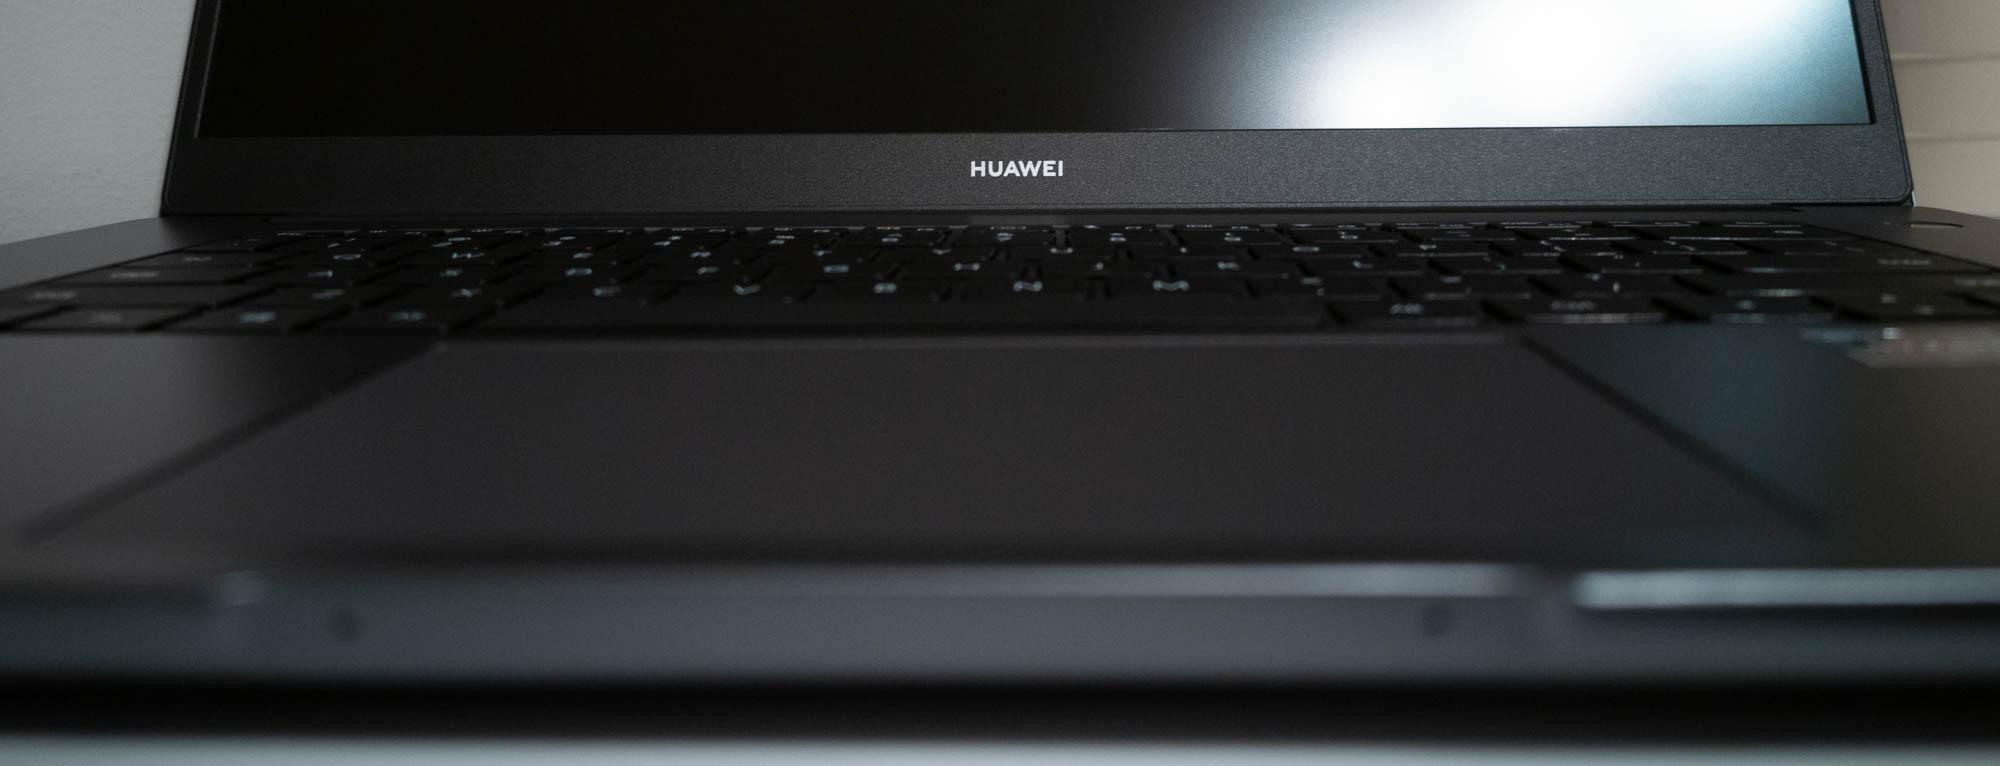 Nowy król akademików - Huawei Matebook D 15 2020 (recenzja) 23